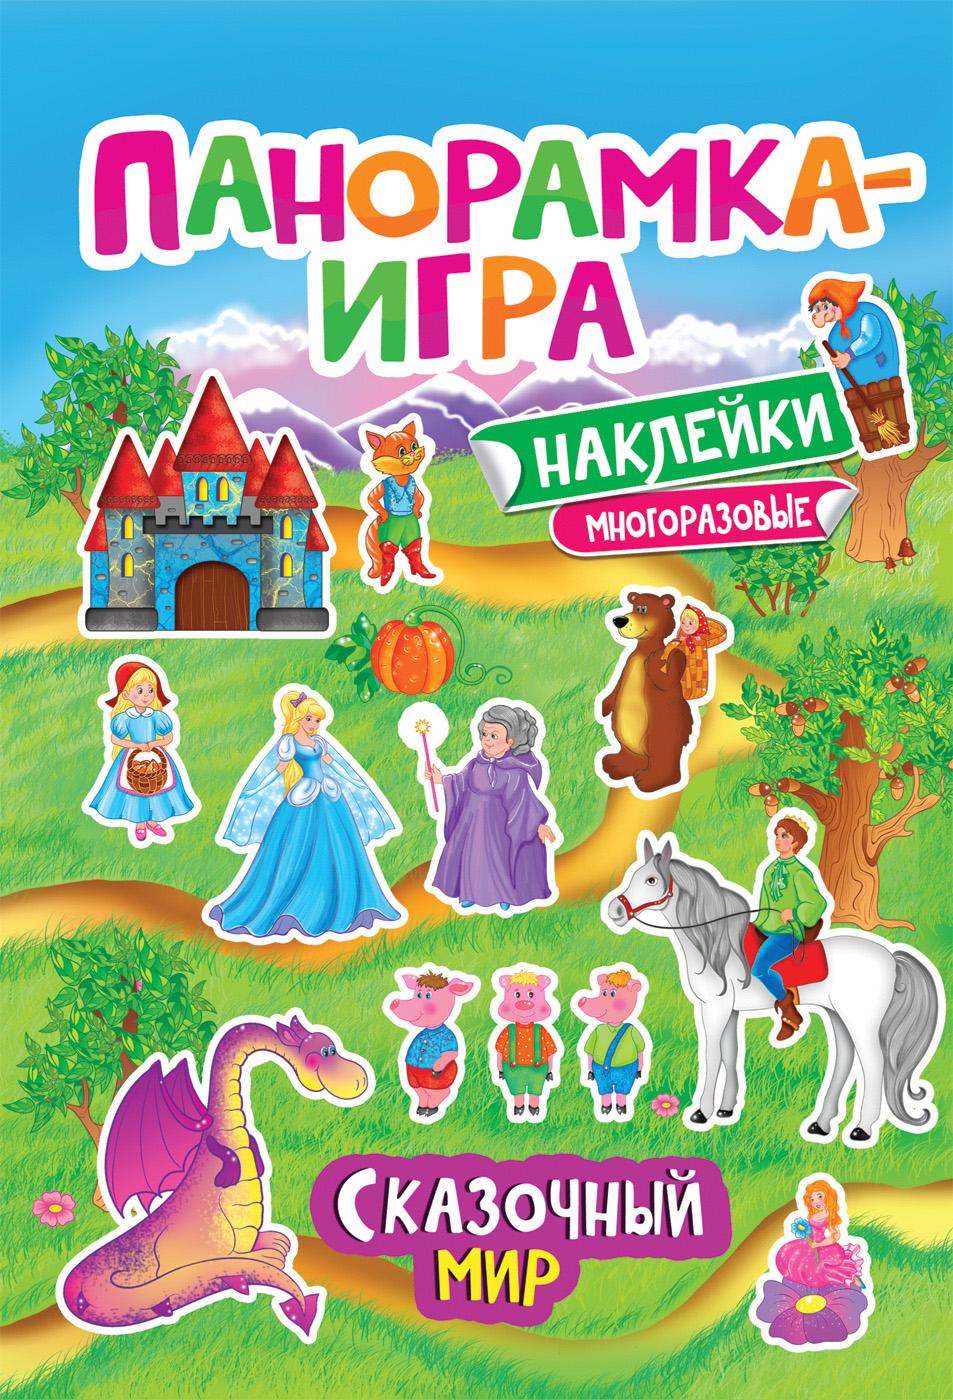 Котятова Н. И. Панорамка-игра. Сказочный мир